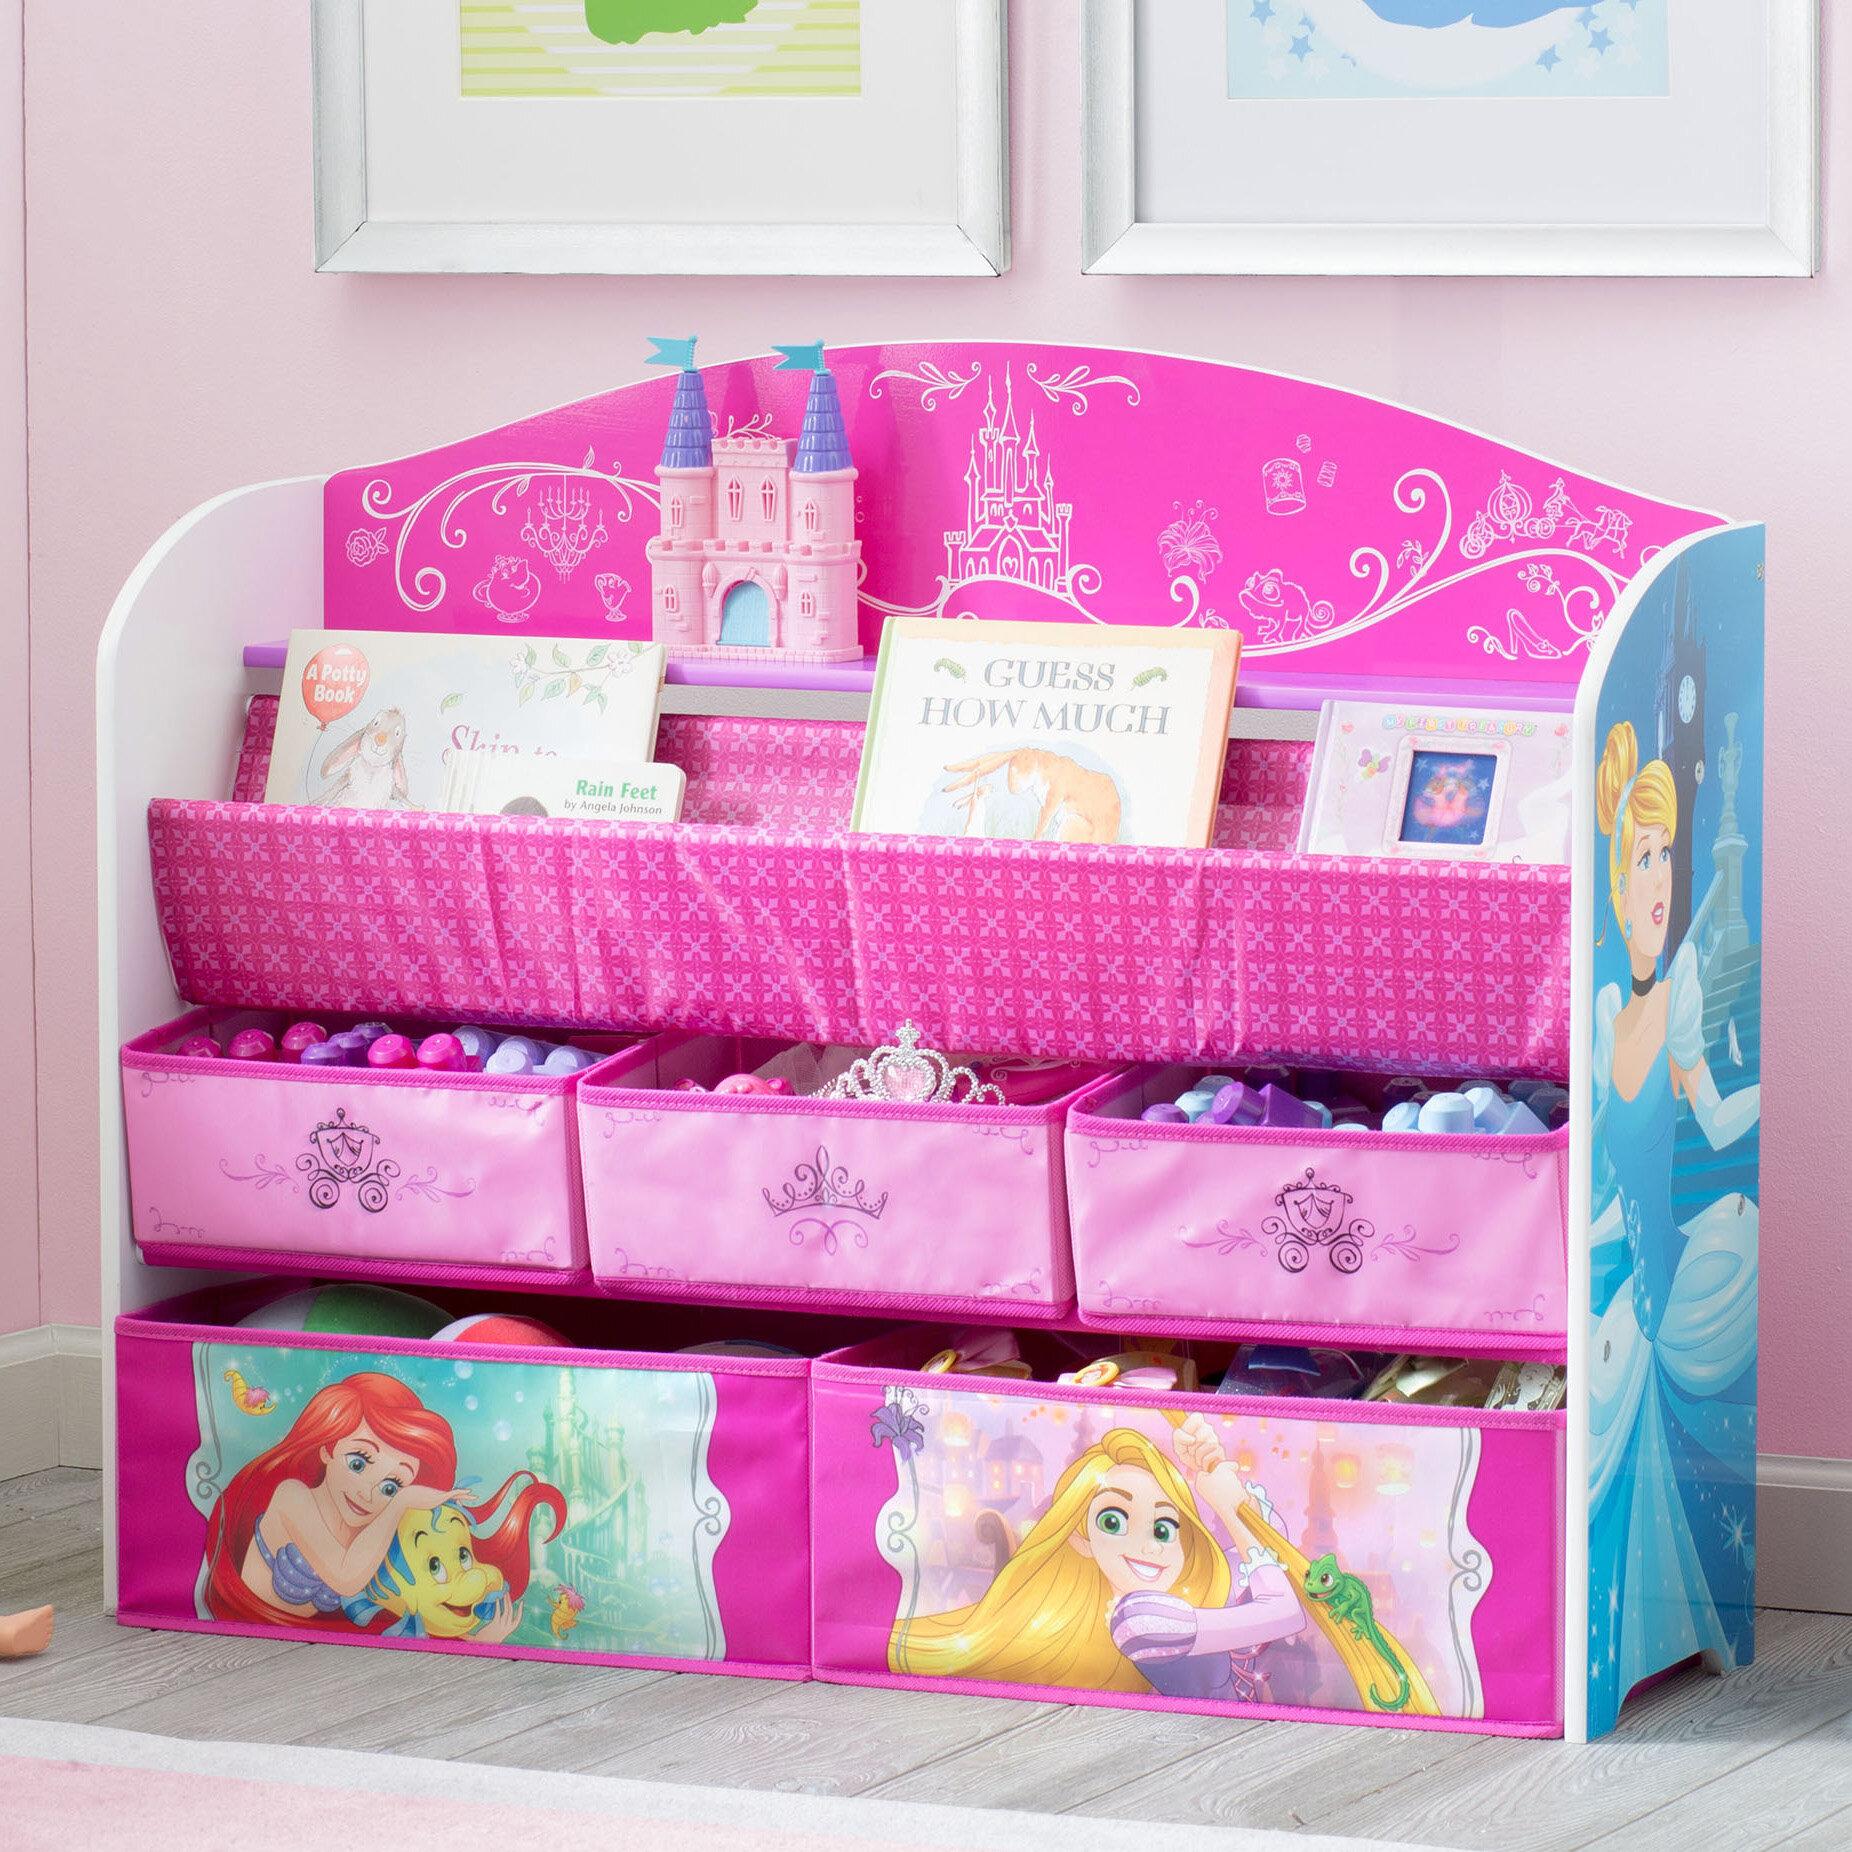 Delta Children Disney Princess Deluxe Book Toy Organizer 80213073251